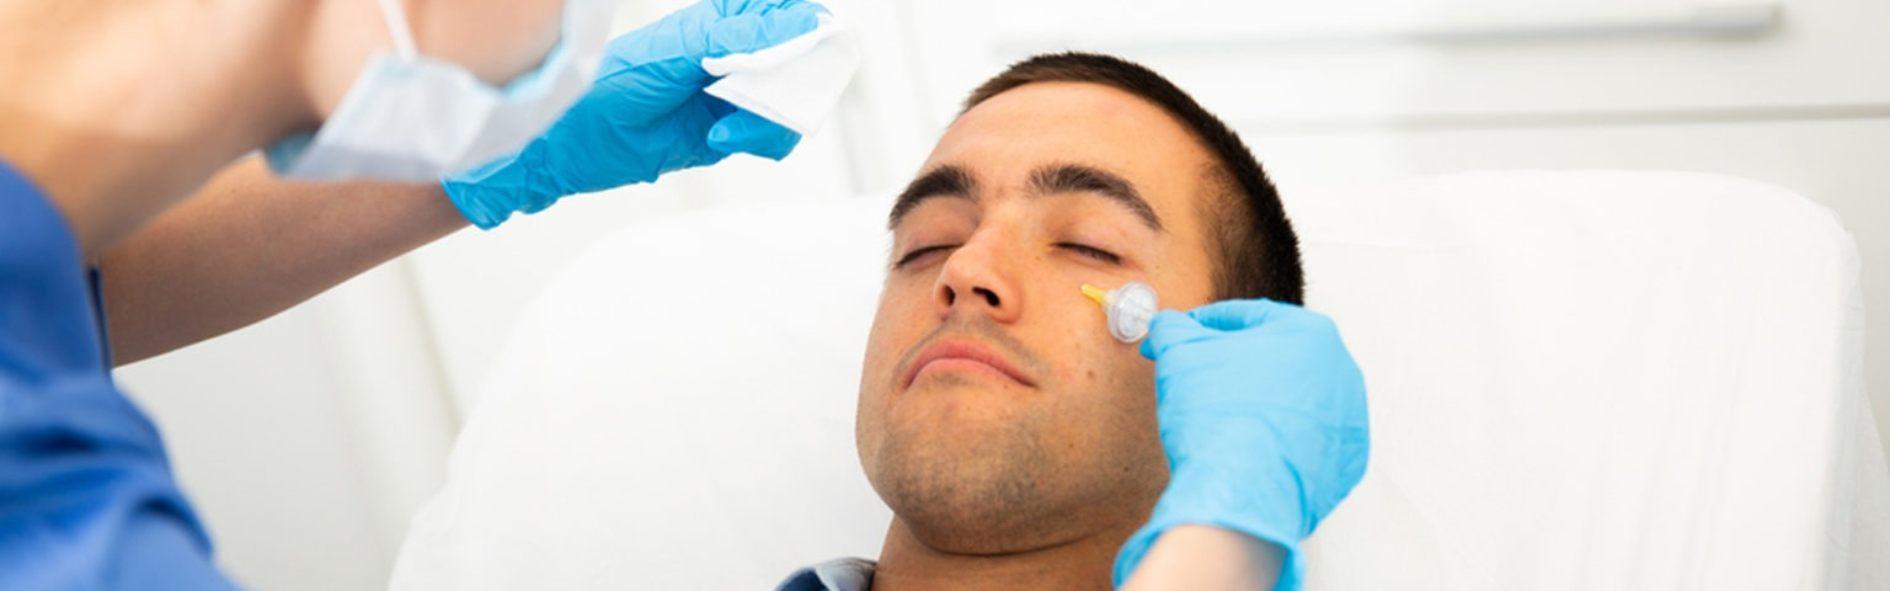 Descubre la carboxiterapia y para qué se aplica este tratamiento estético